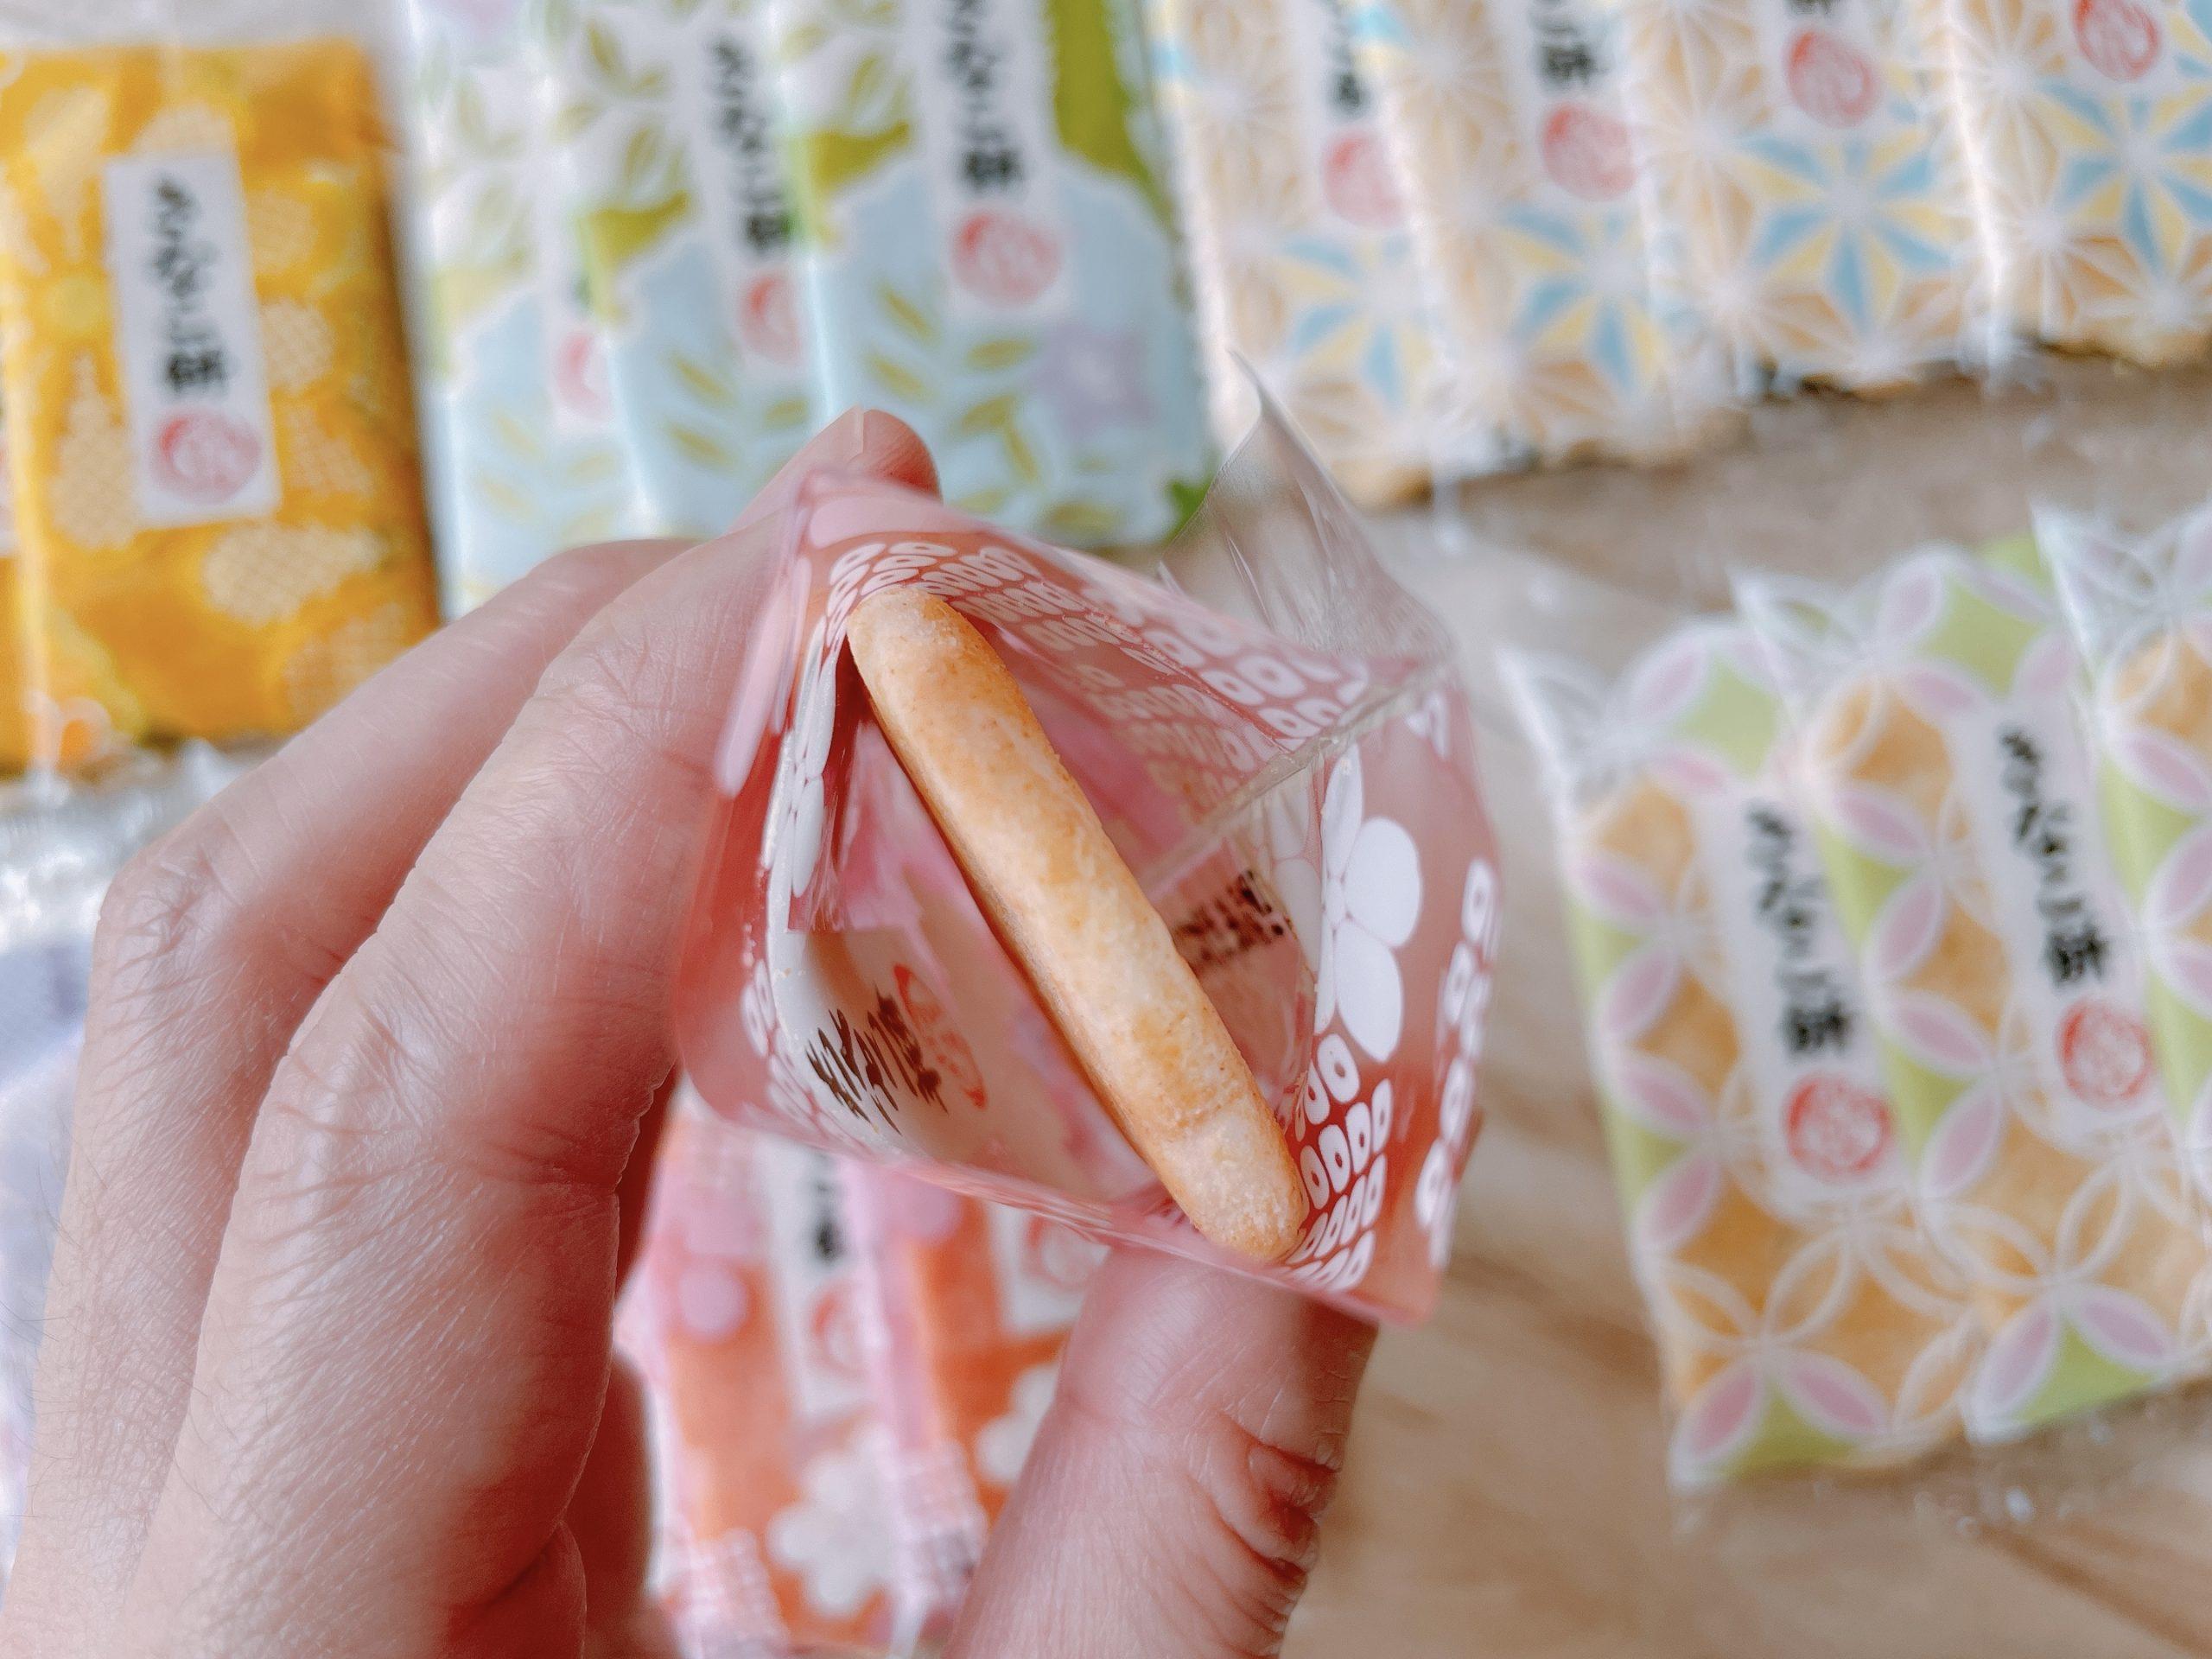 岩塚製菓のきなこ餅の香りは、きなことシナモンのバランスがいい